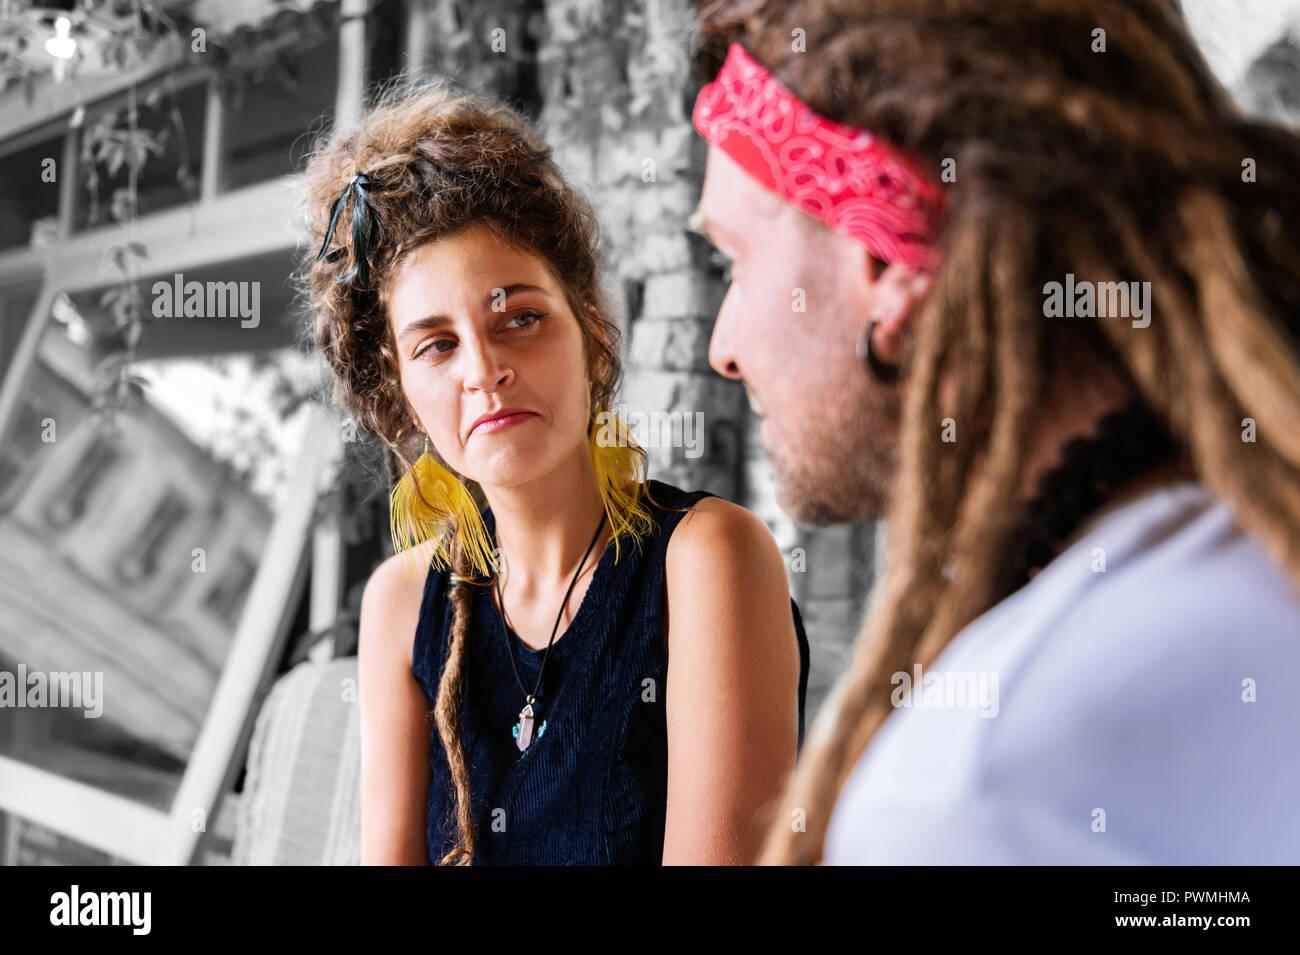 Femme cheveux bouclés avec chignon à à son amie tout en parlant de sa journée Photo Stock